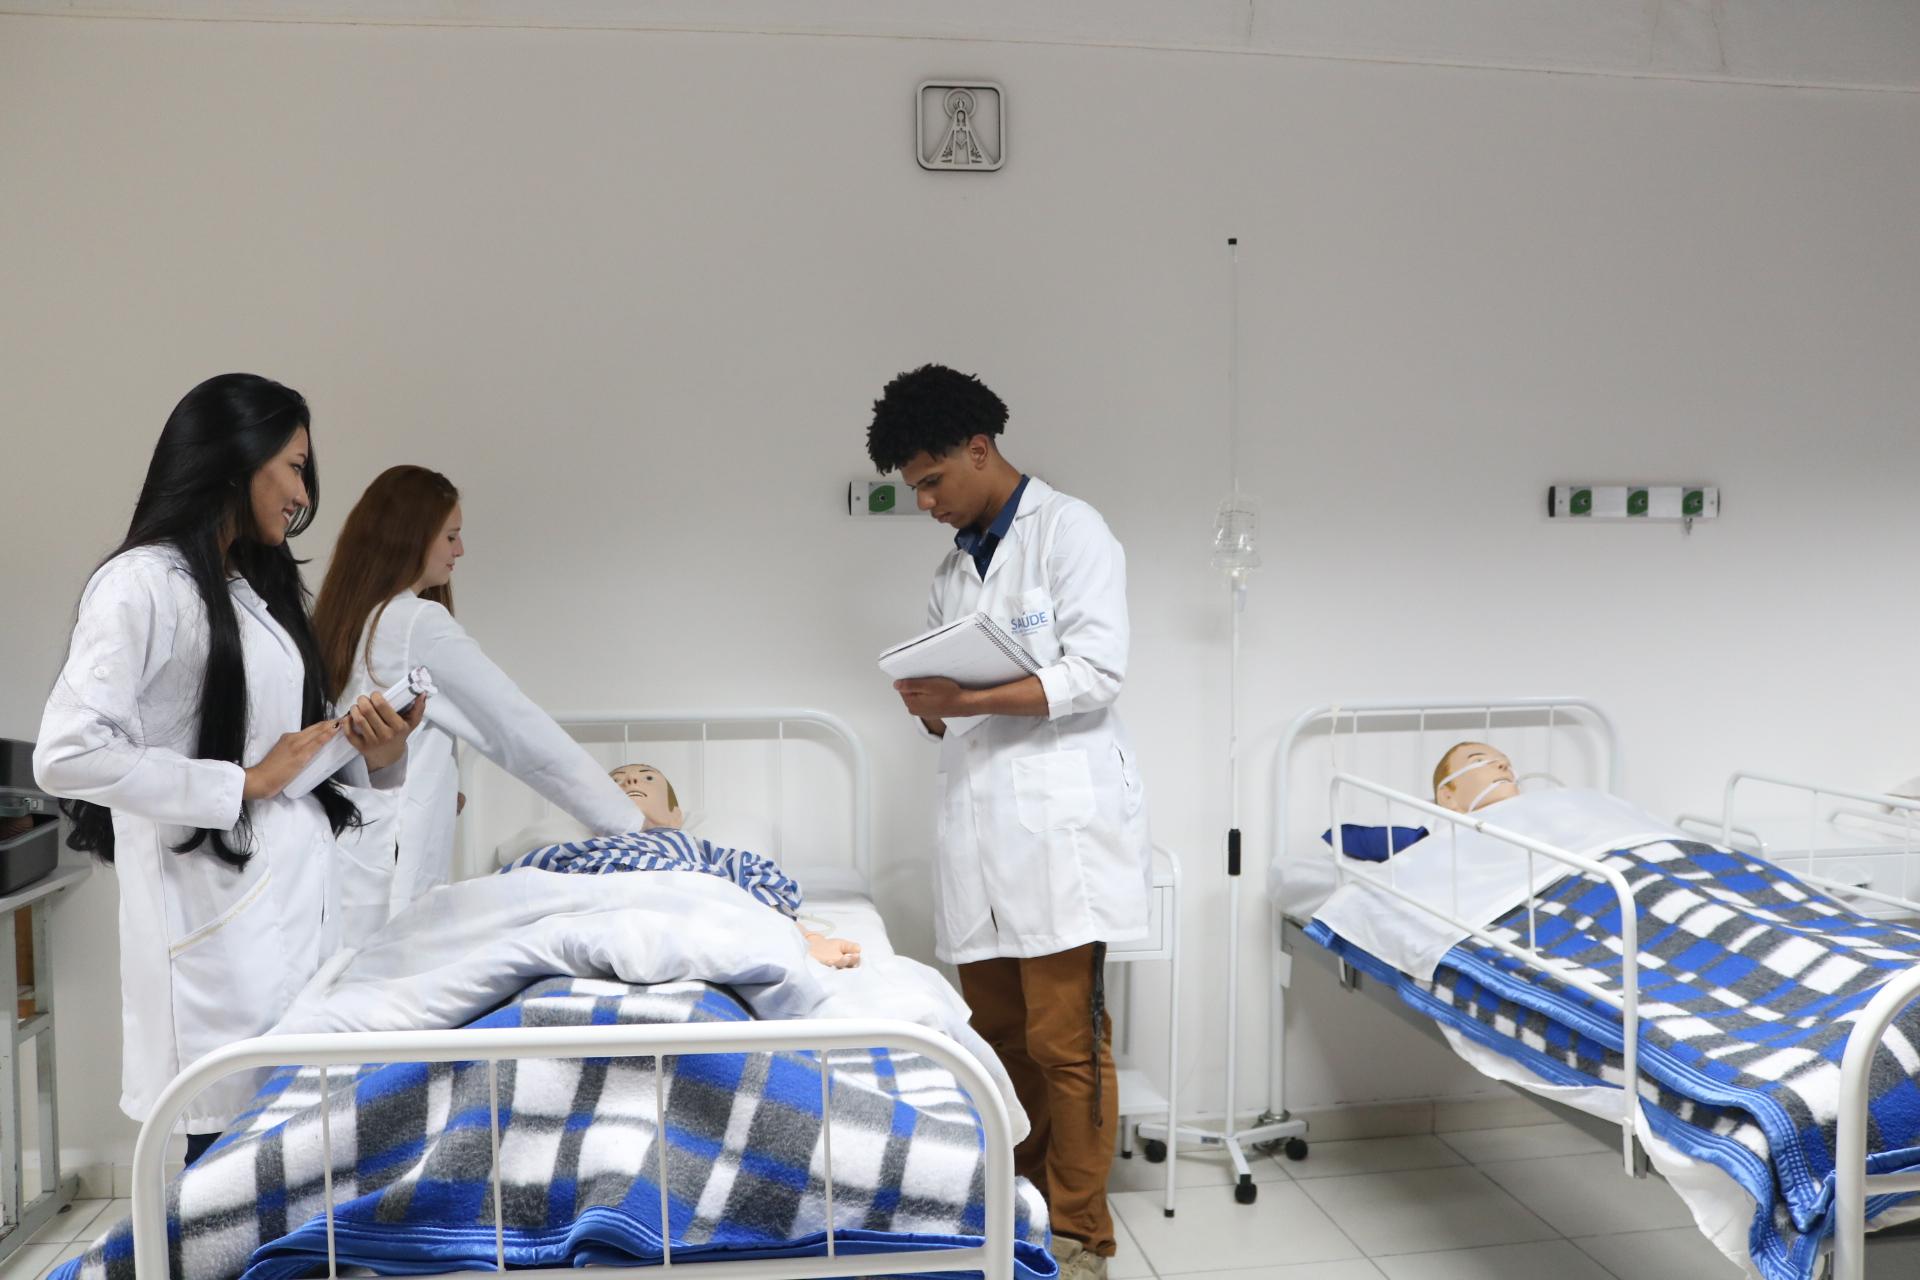 Profissões do futuro: como as carreiras na saúde vão mudar o mercado de trabalho pós pandemia?